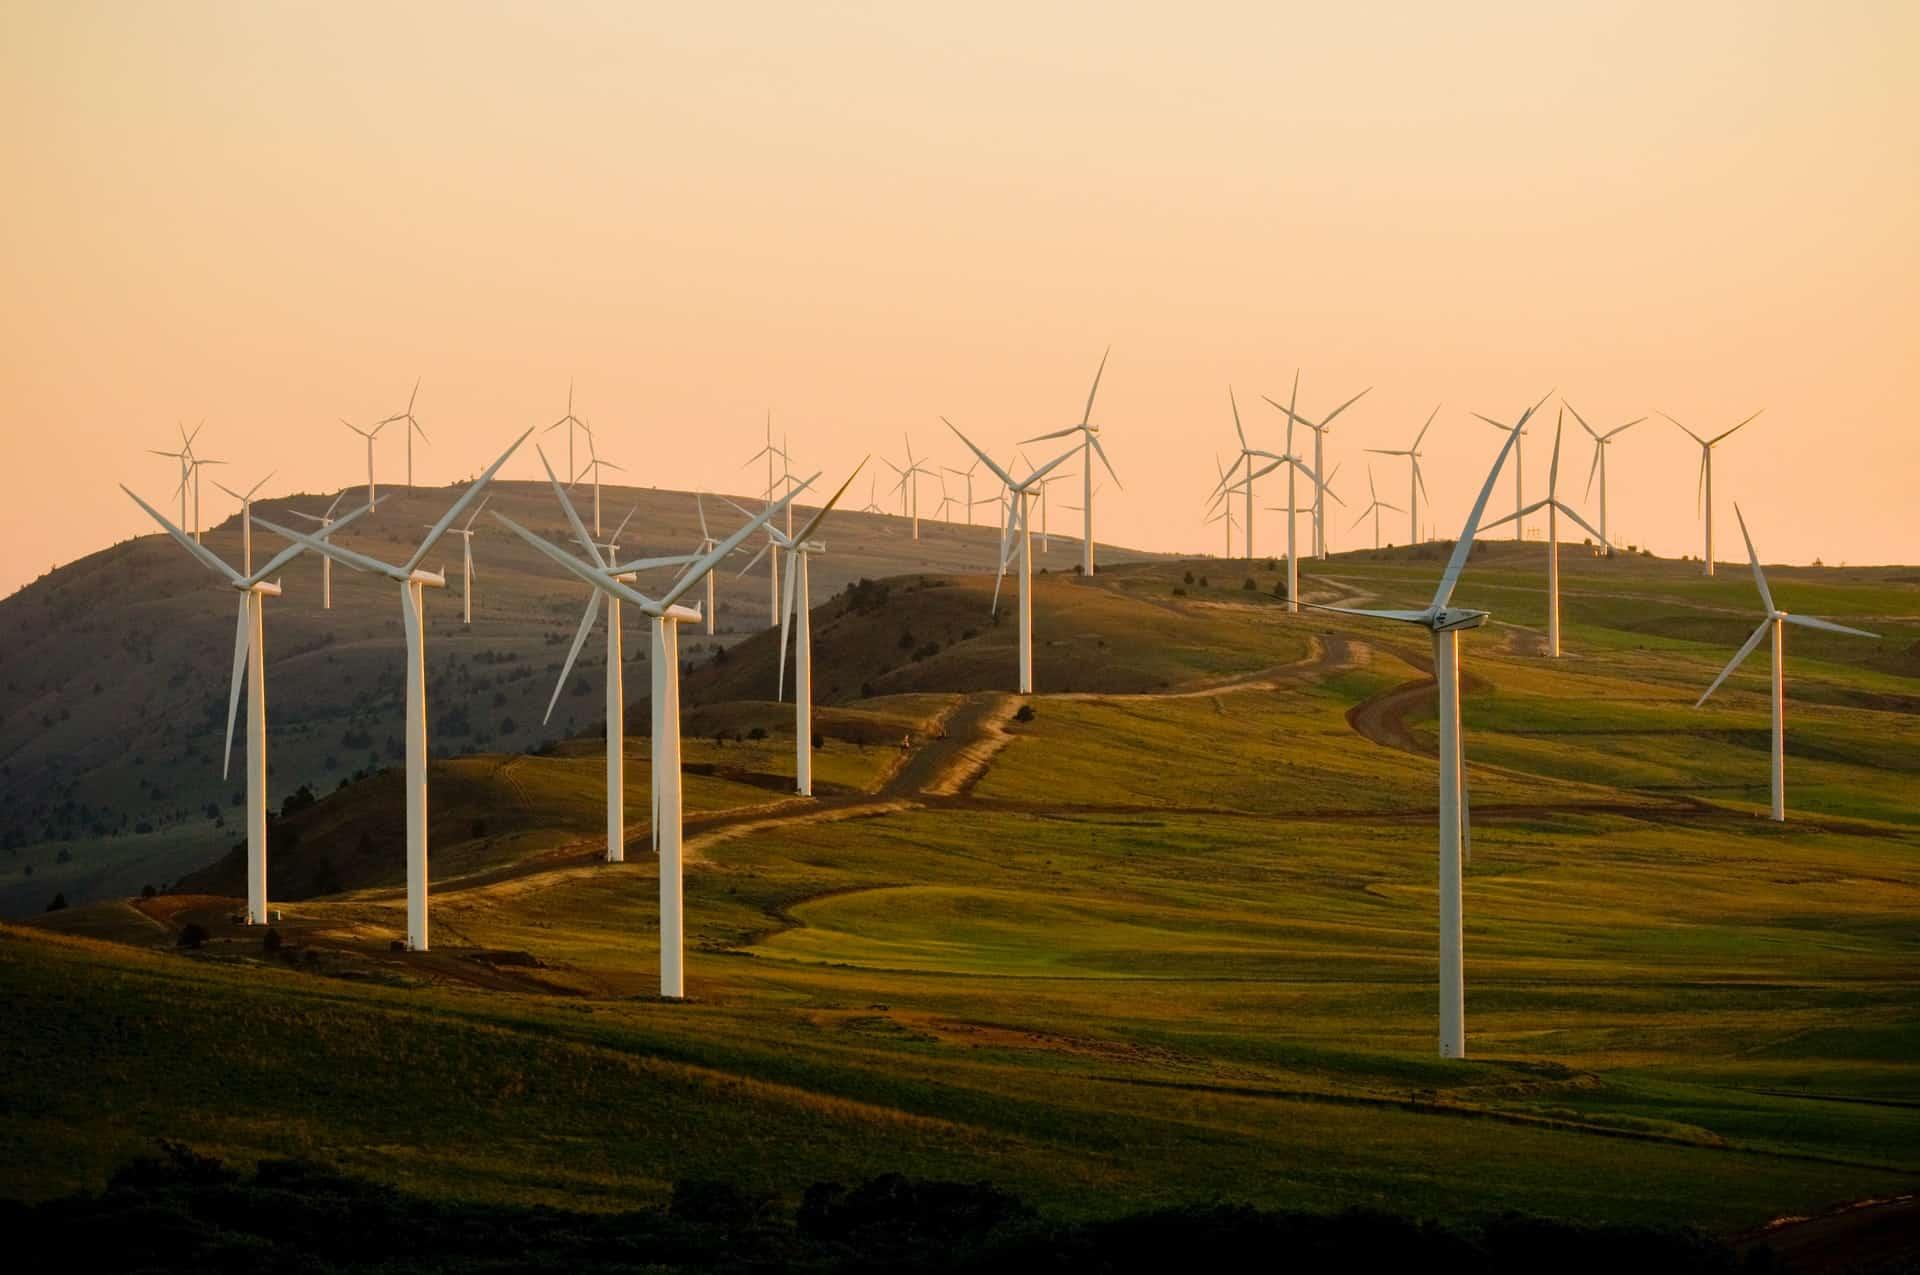 AWS et TotalEnergies signent un partenariat stratégique